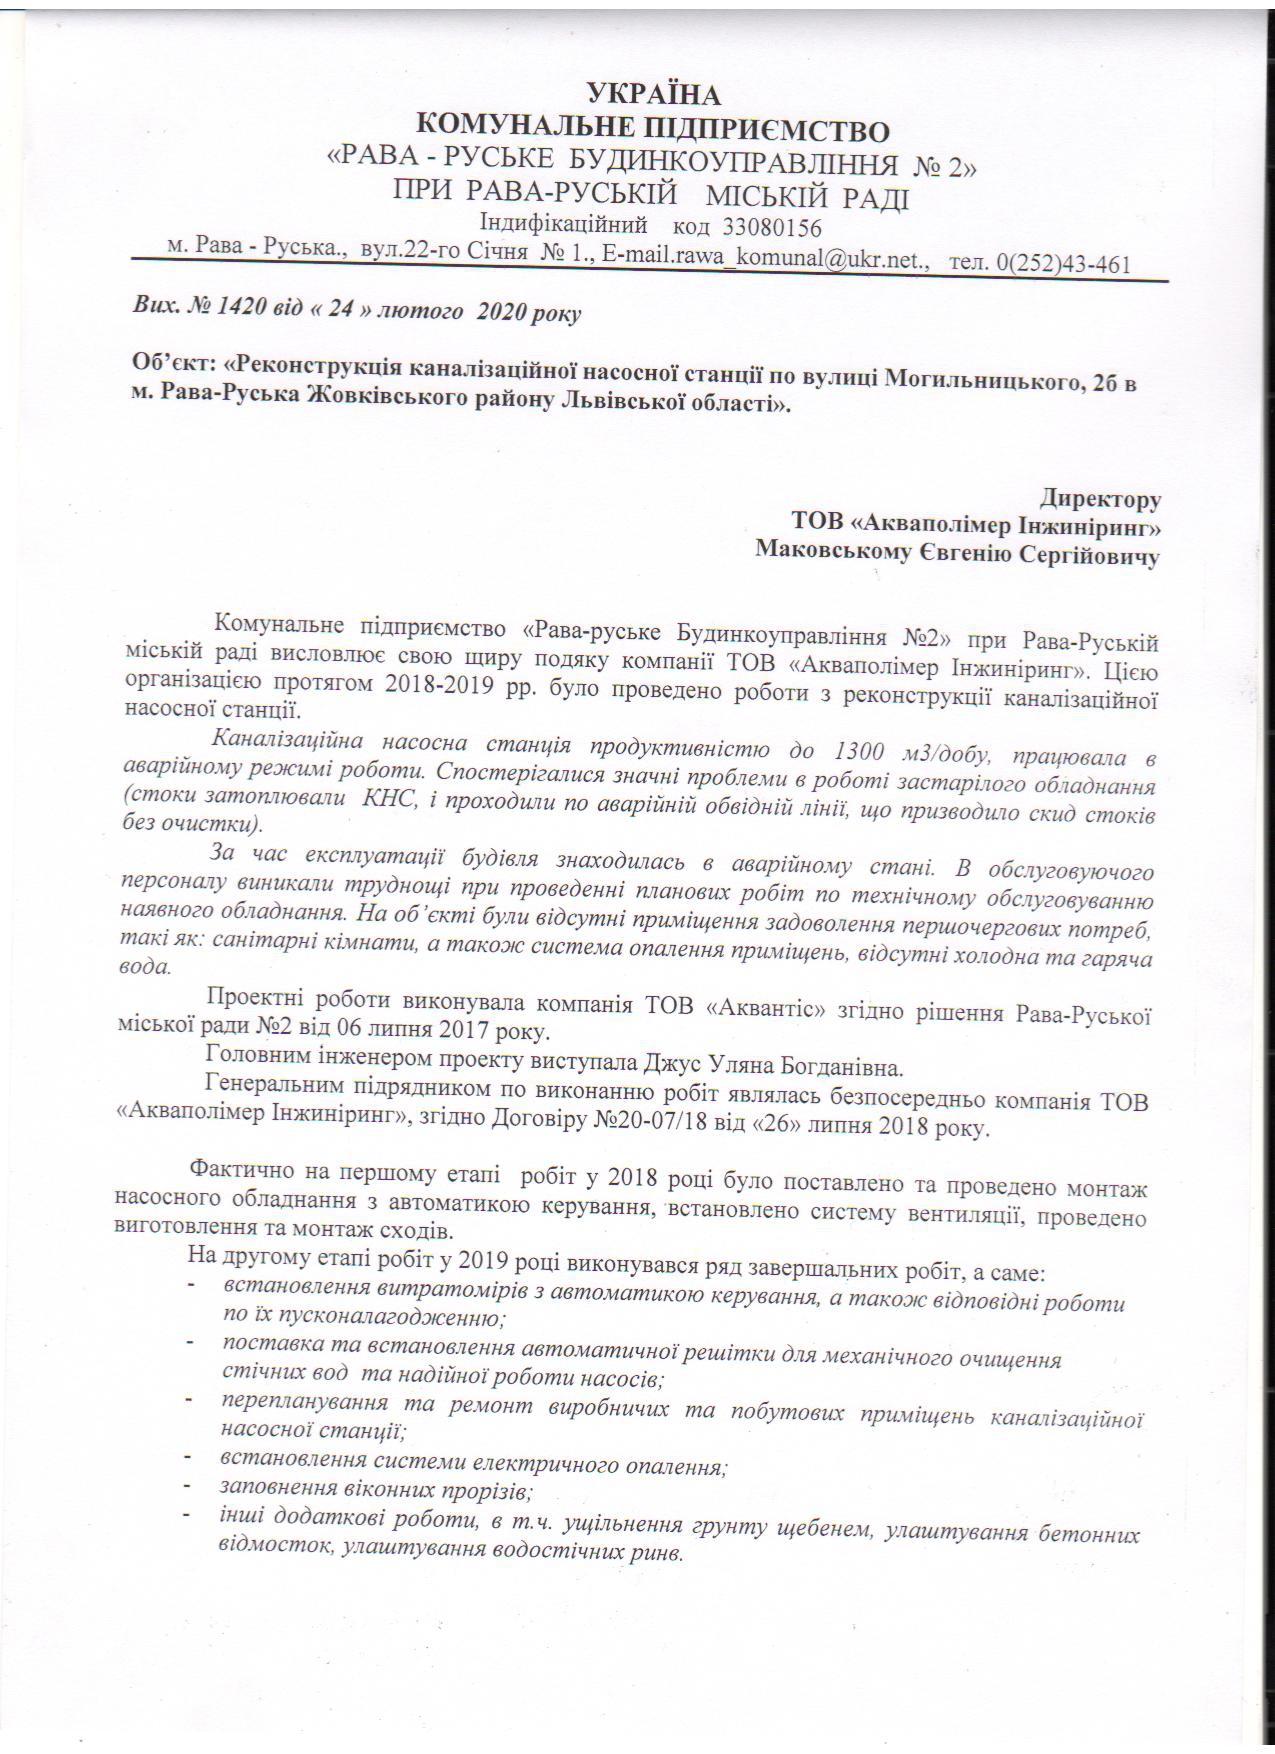 Лист-відгук щодо реконструкції КНС у м. Рава-Руська